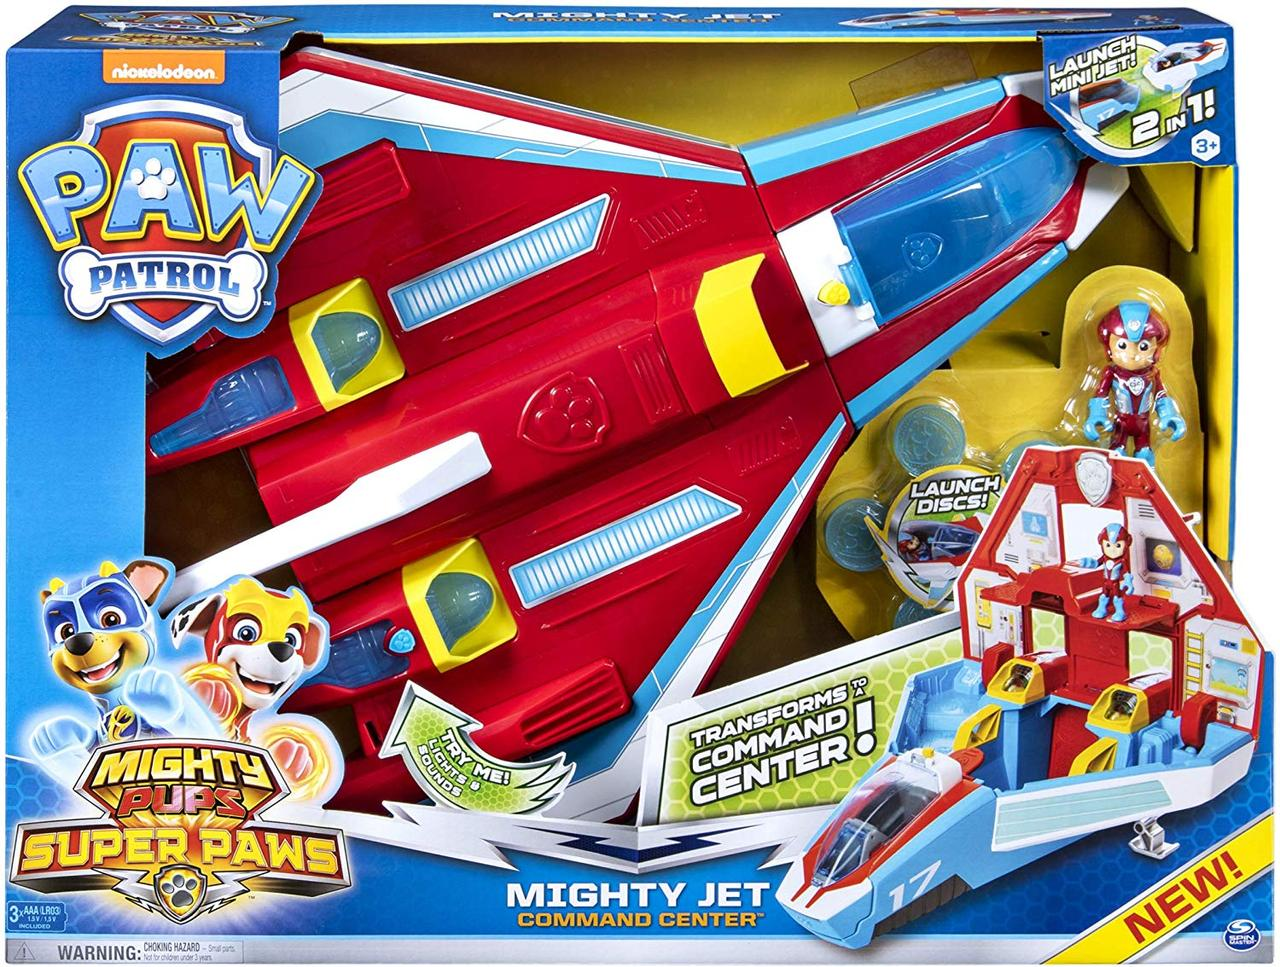 Щенячий Патруль самолет станция спасателей. супер щенки Paw Patrol Super Paws Transforming Mighty Pups Jet